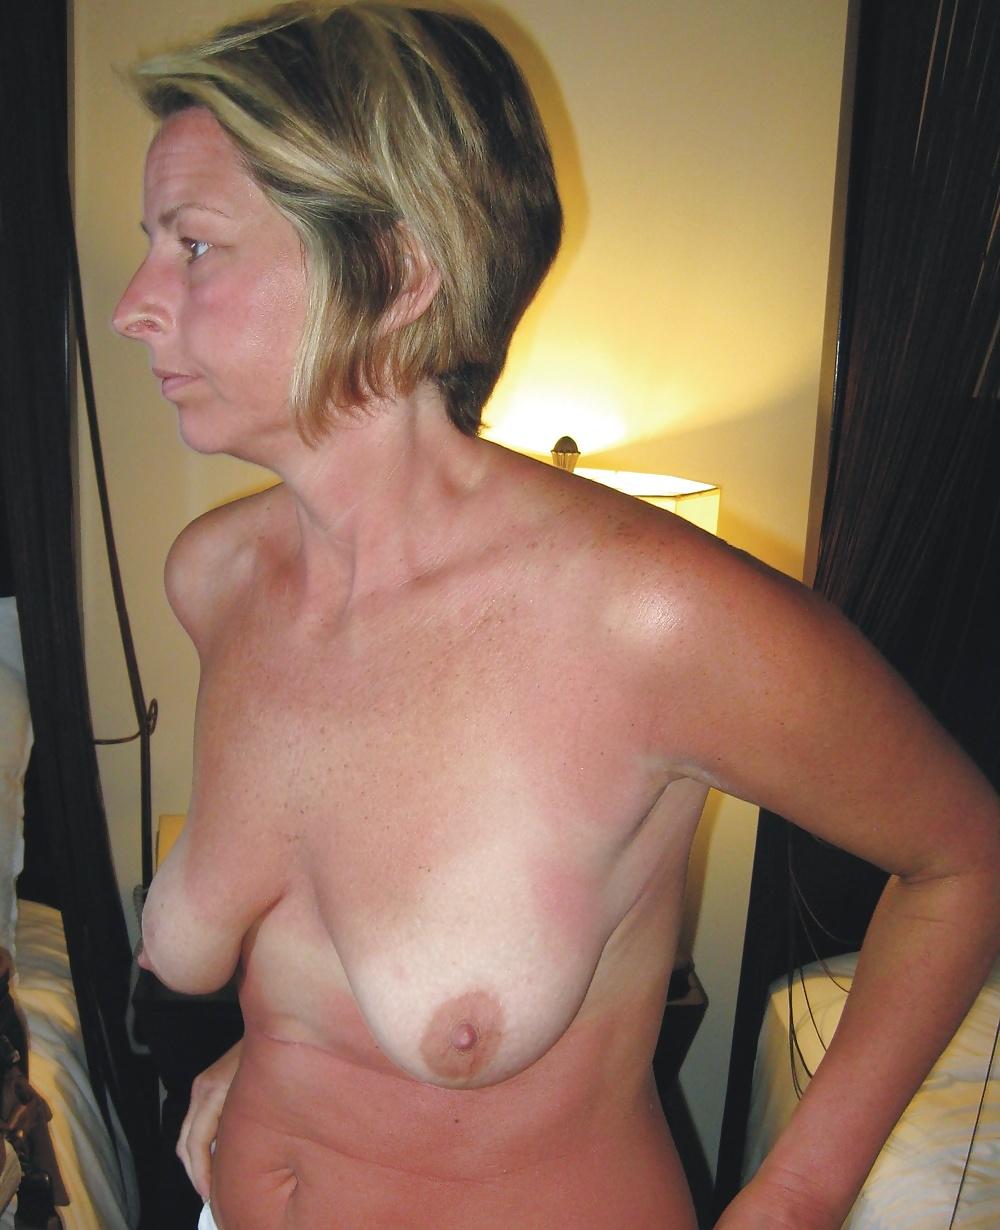 частное фото немного обвисшие сиськи блондинка мастурбирует